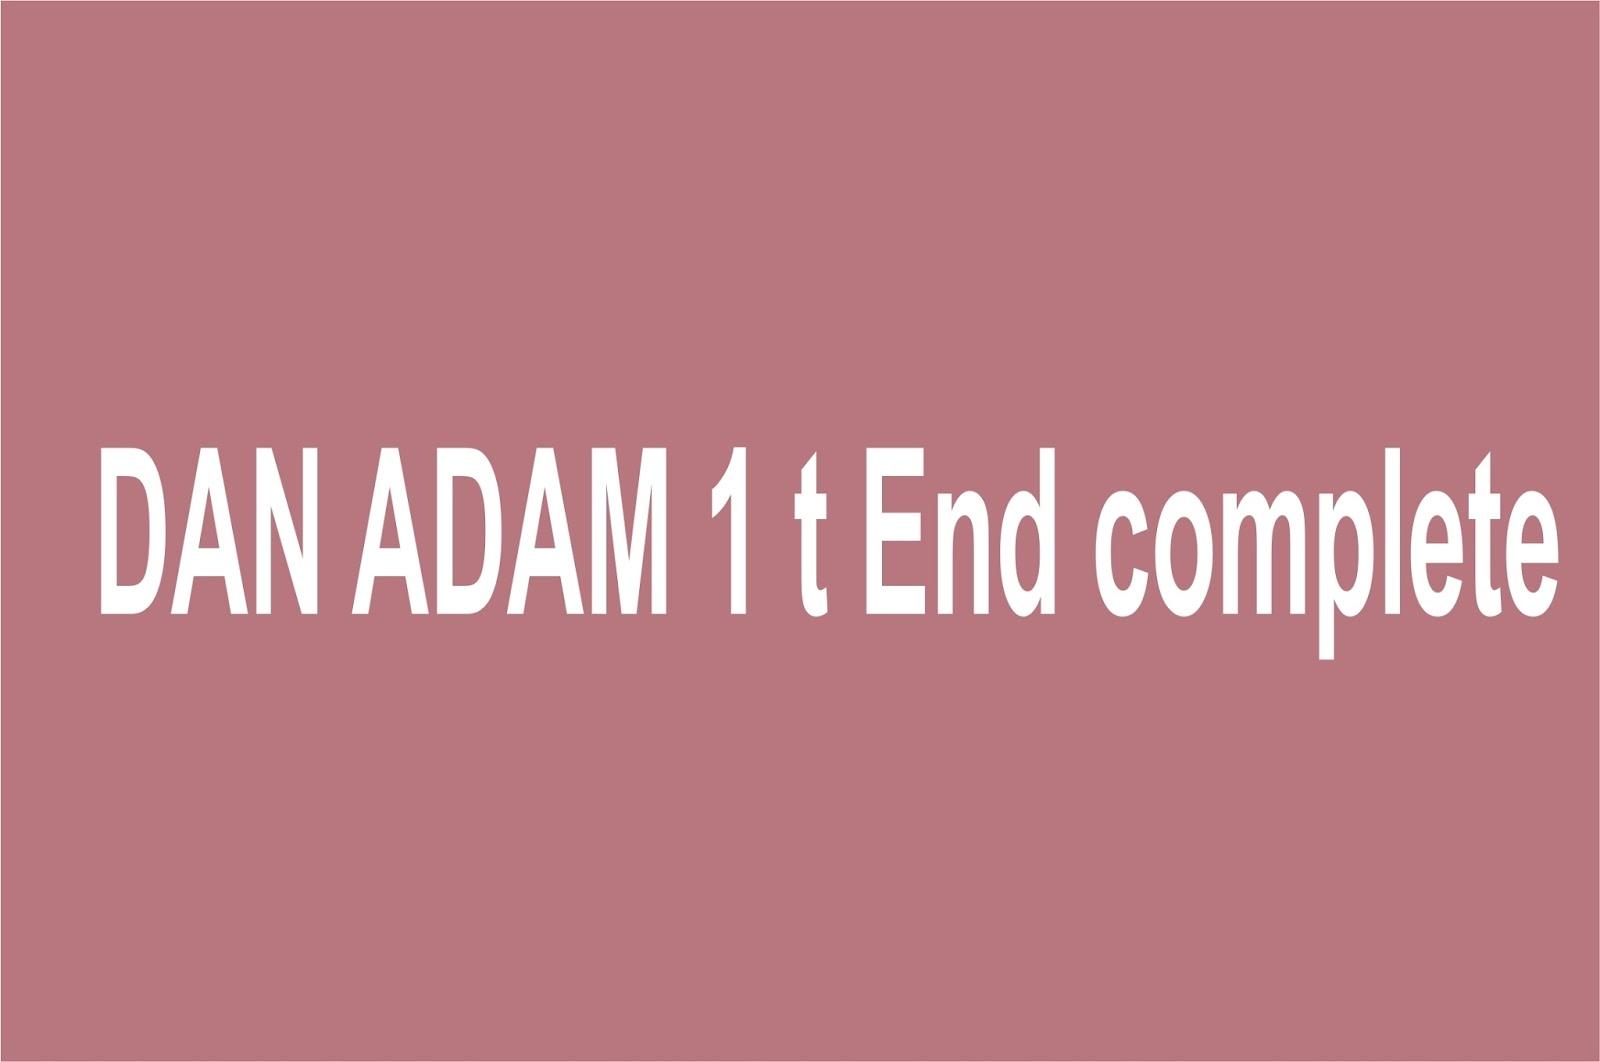 DAN ADAM complete - Gidan Novels | Hausa Novels